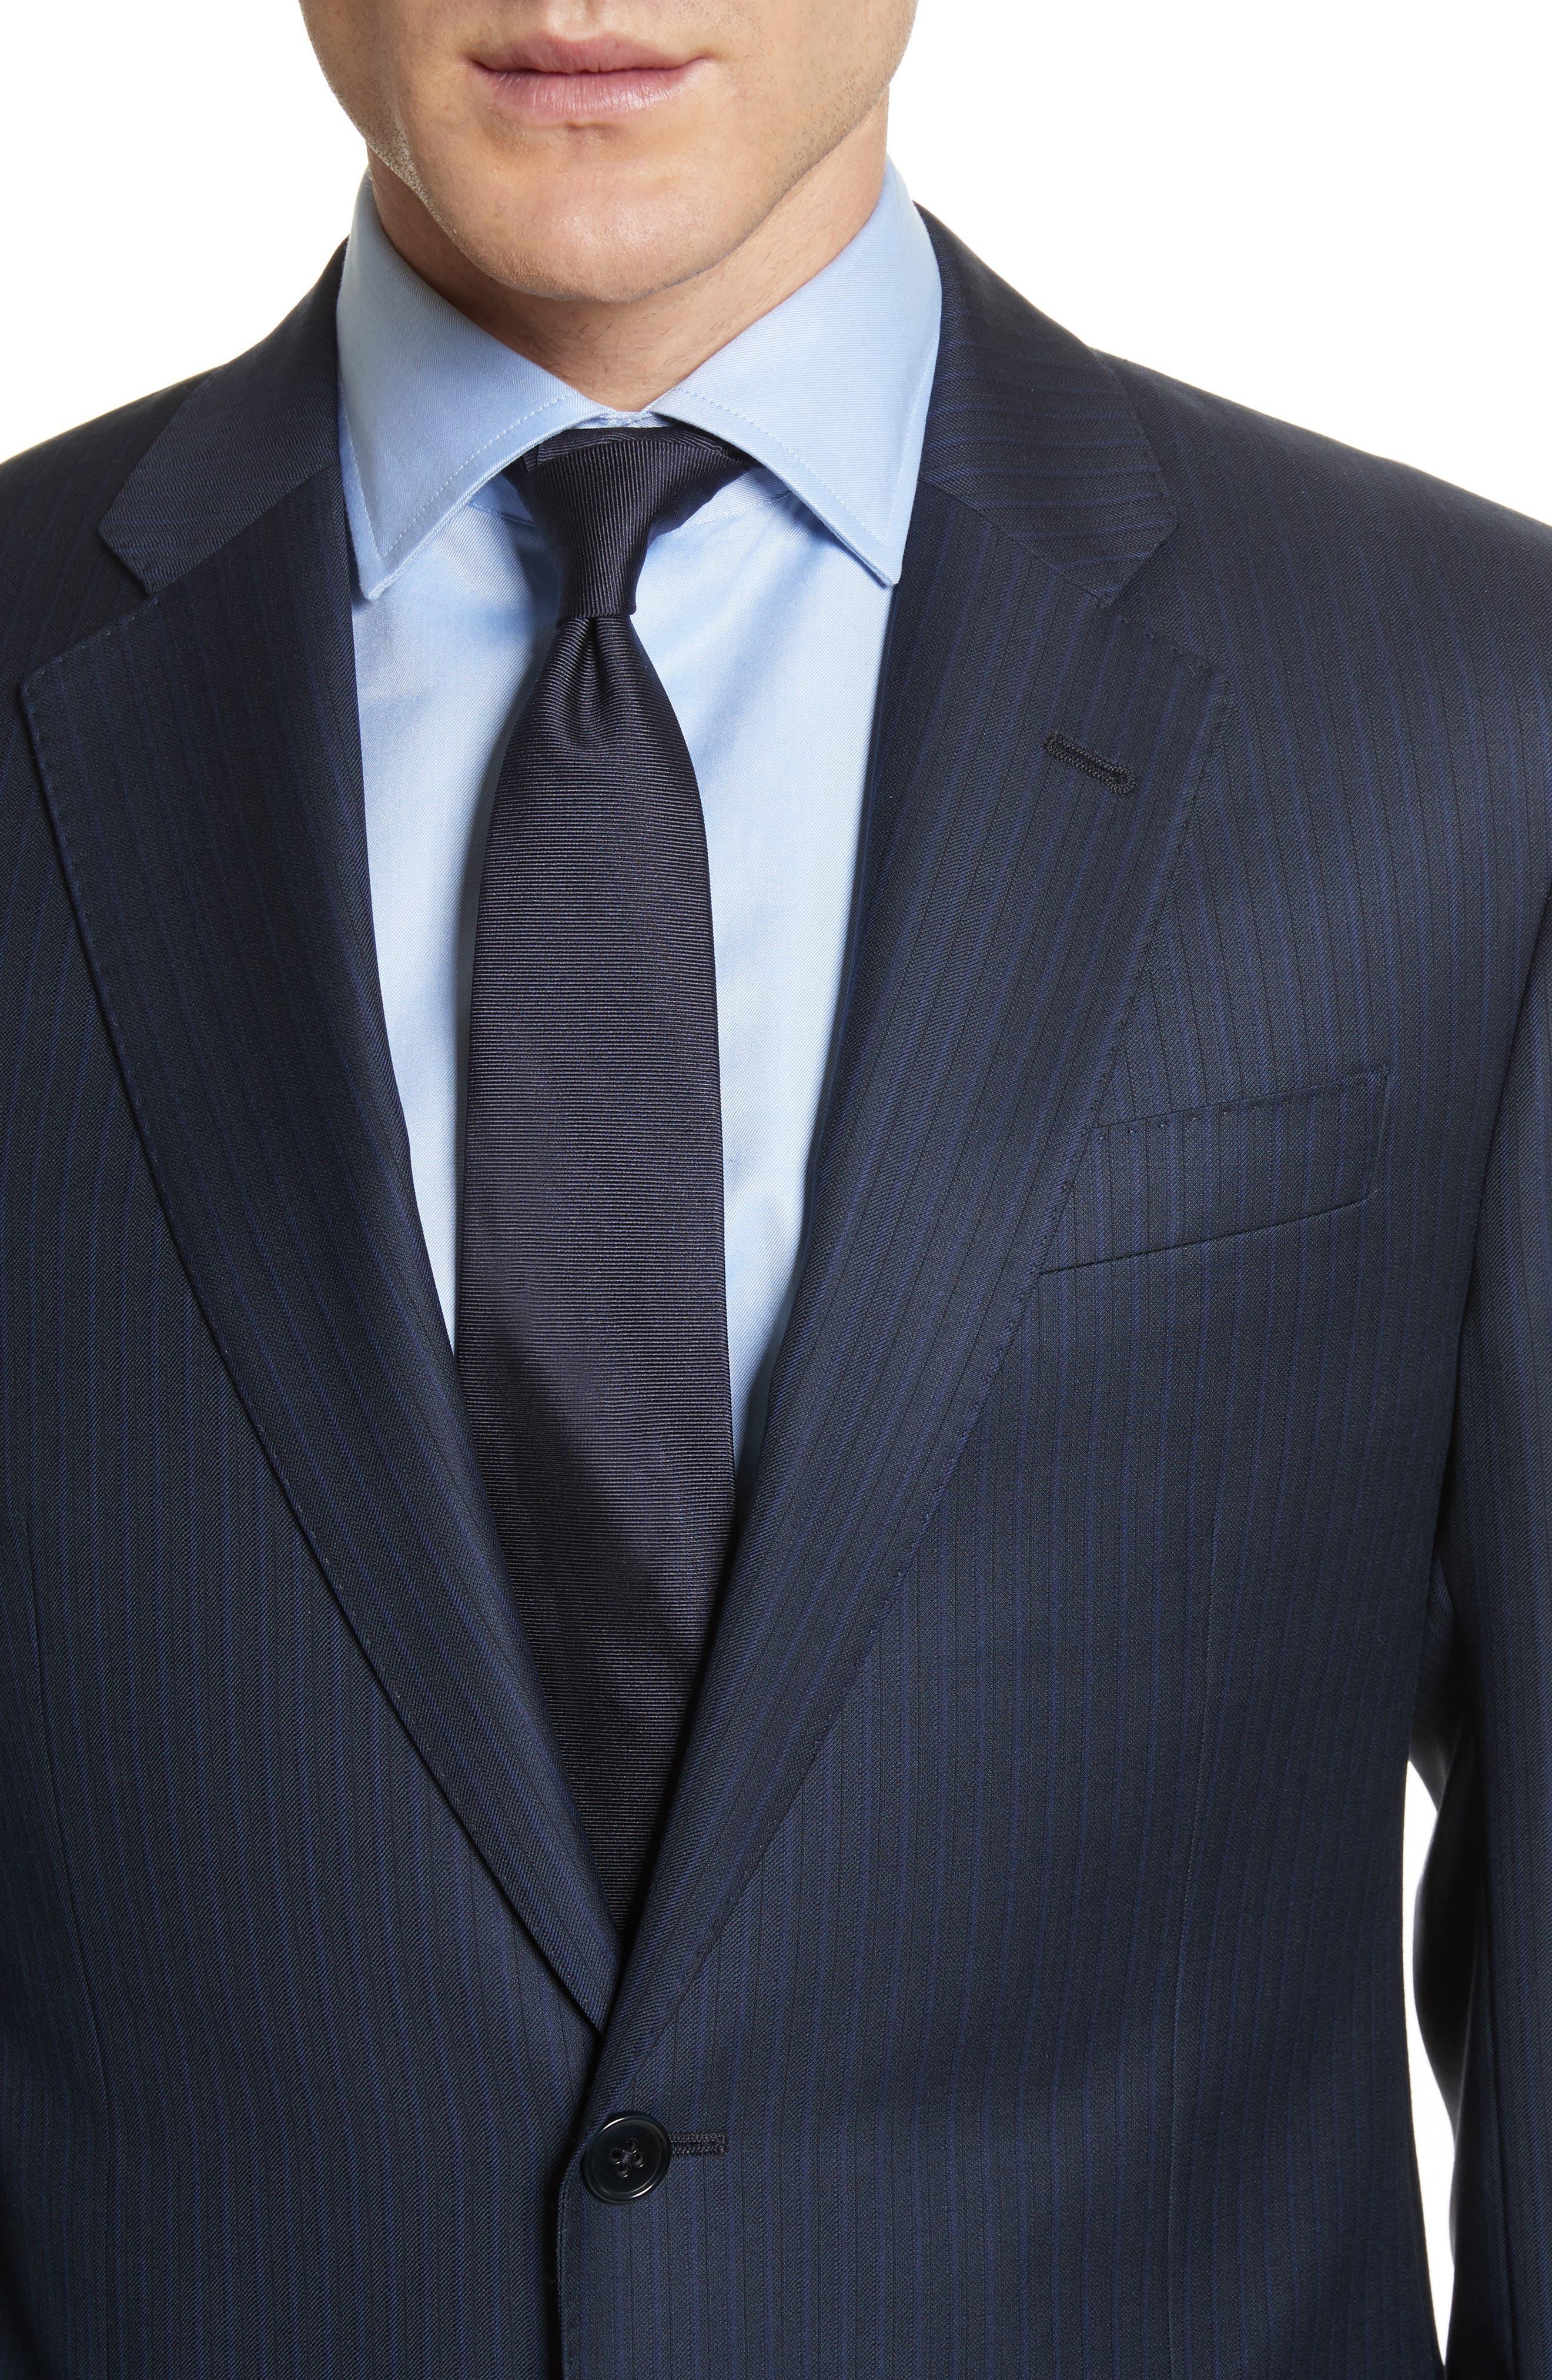 G Line Trim Fit Stripe Wool Suit,                             Alternate thumbnail 4, color,                             410